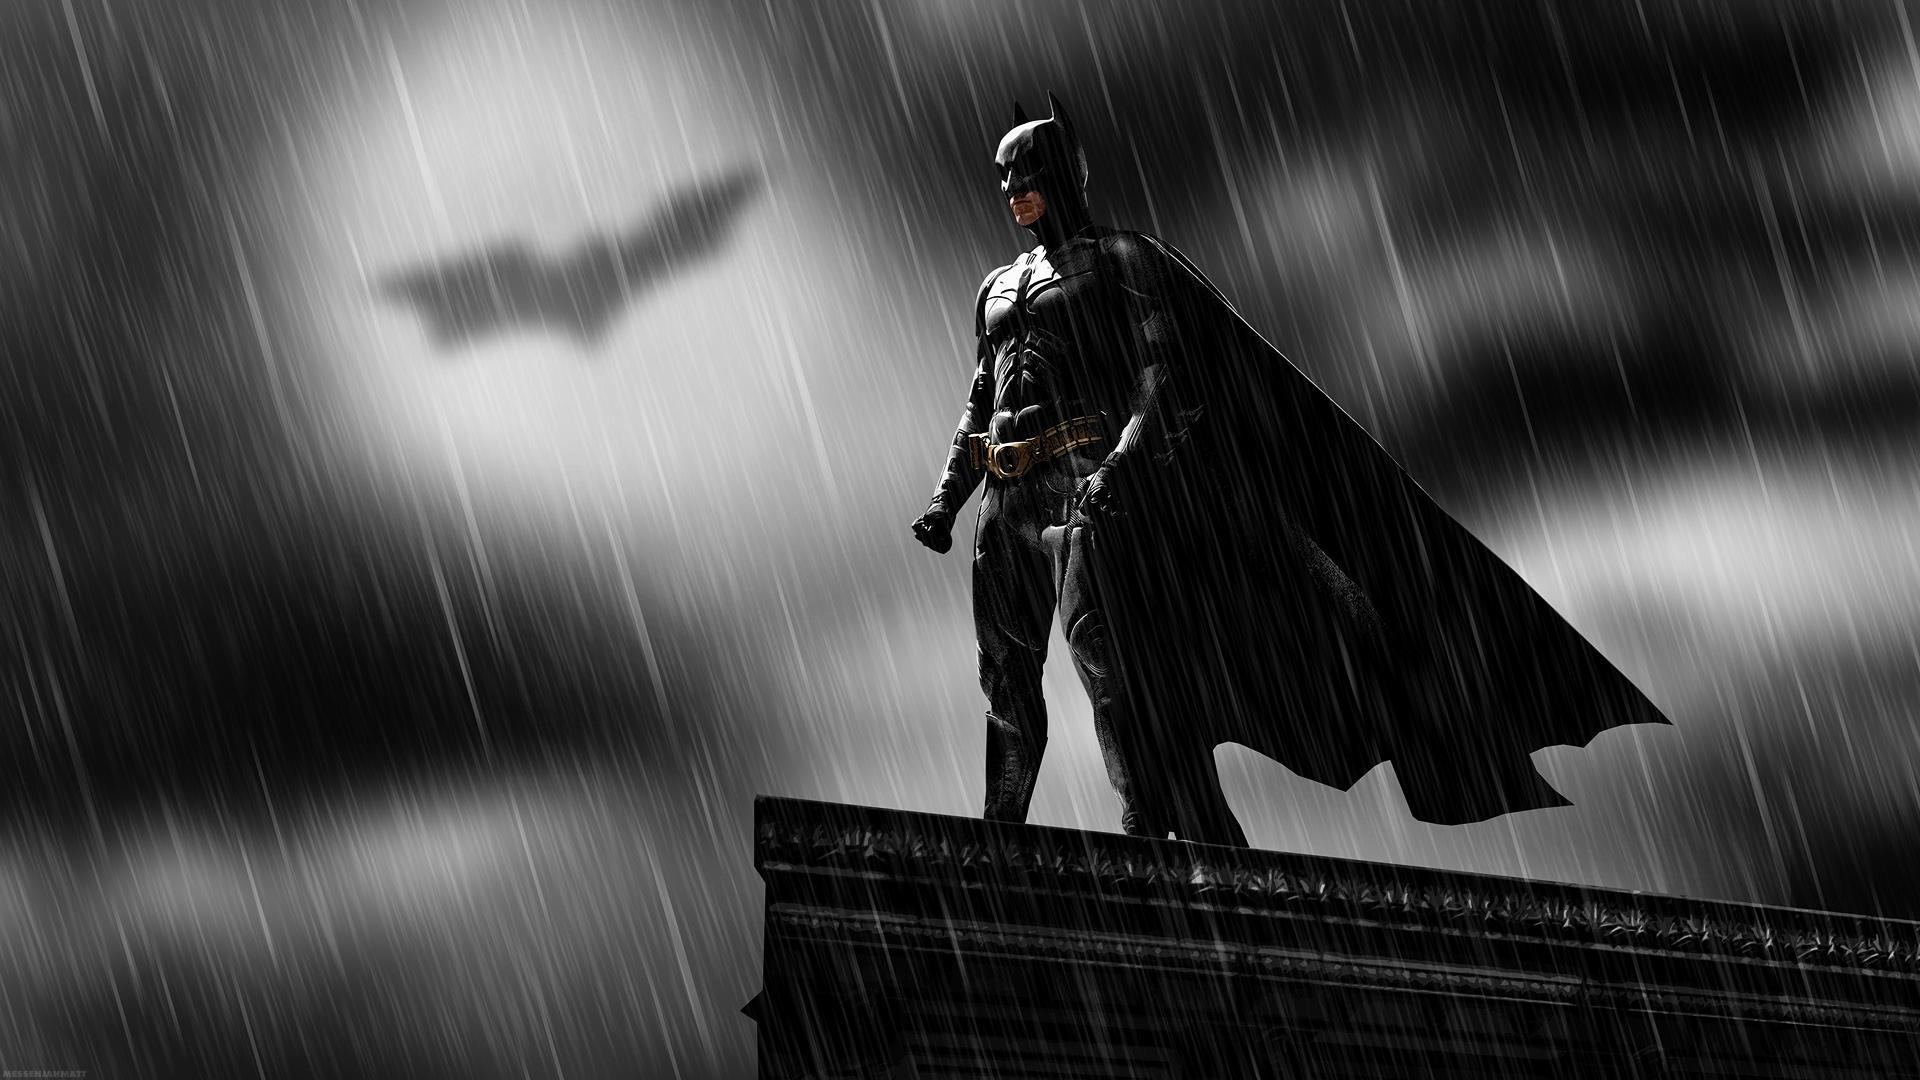 Batman Wallpaper 19201080 120939 HD Wallpaper Res 1920x1080 1920x1080